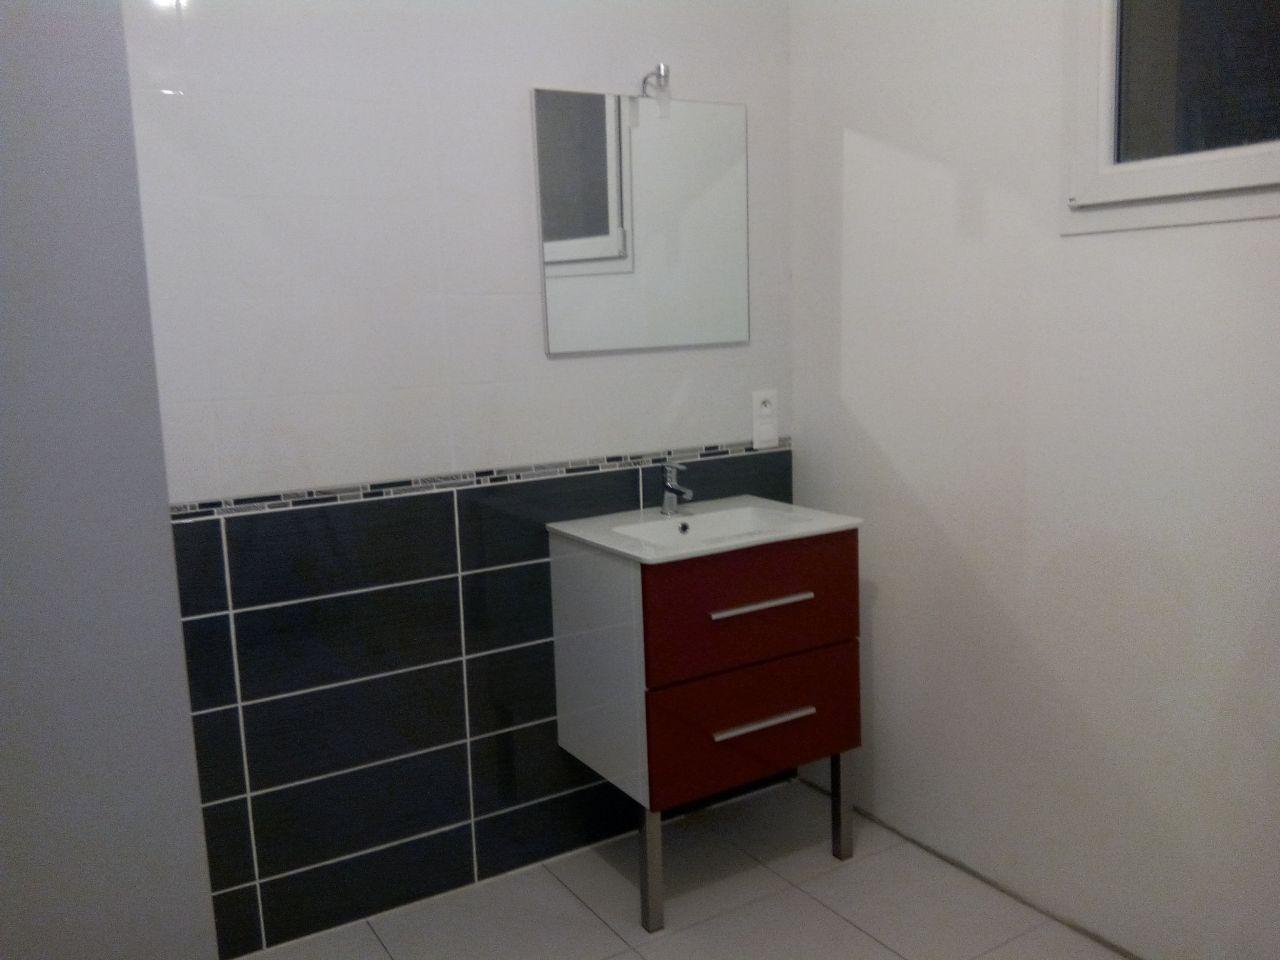 Finition salle de bain et espace web fin des chambres - Finition de salle de bain ...